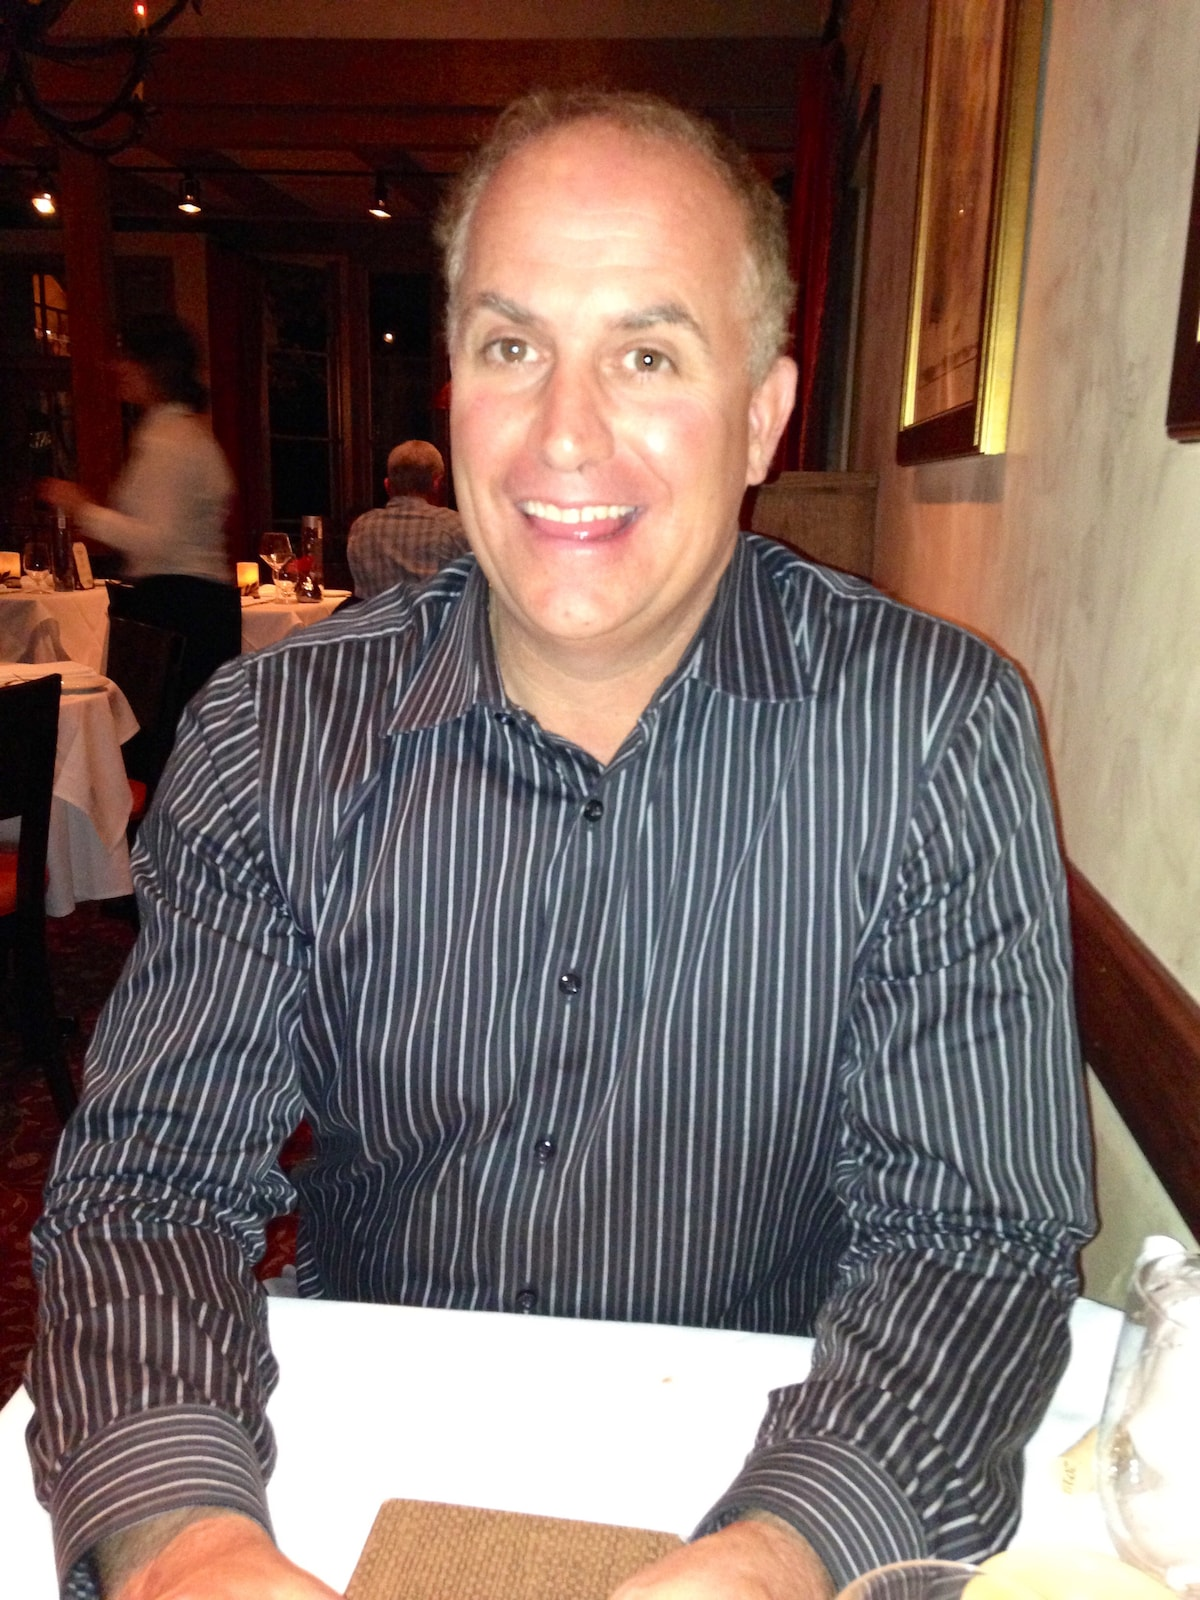 Sean from Monterey